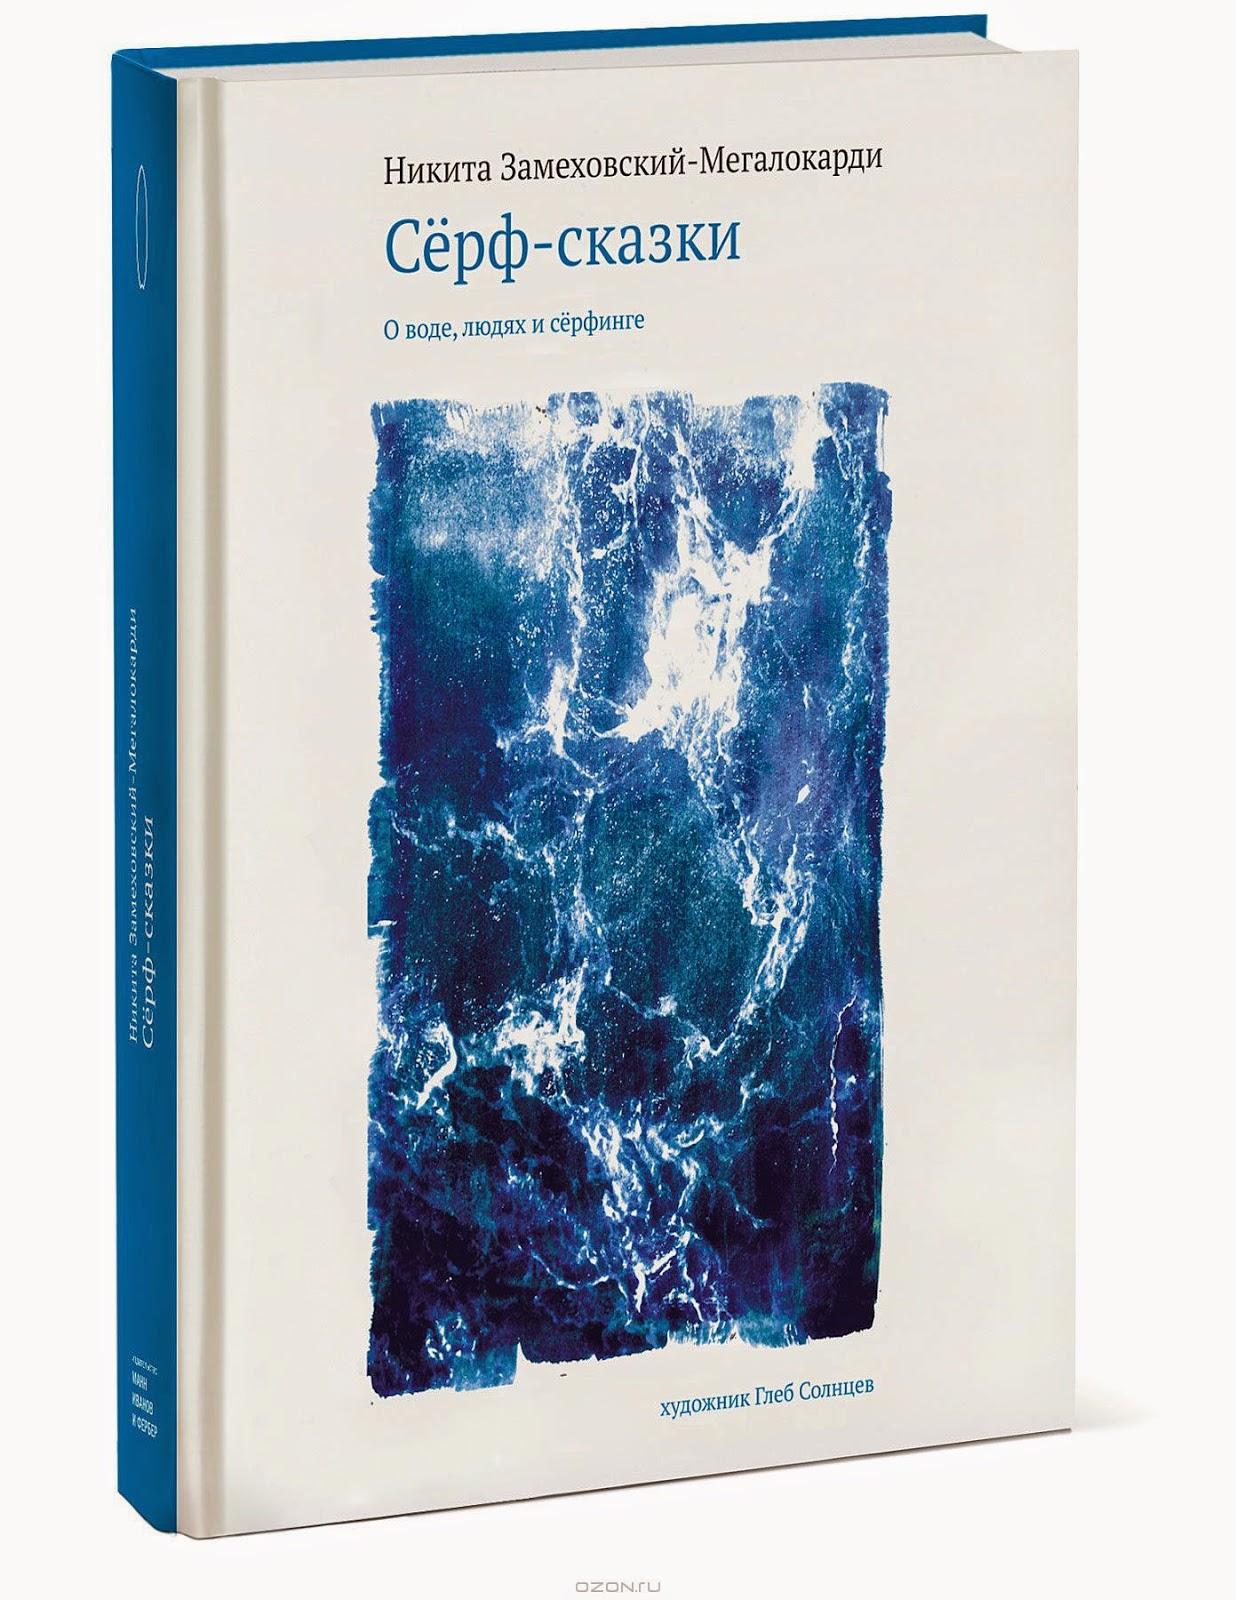 Книга: Серф-сказки.